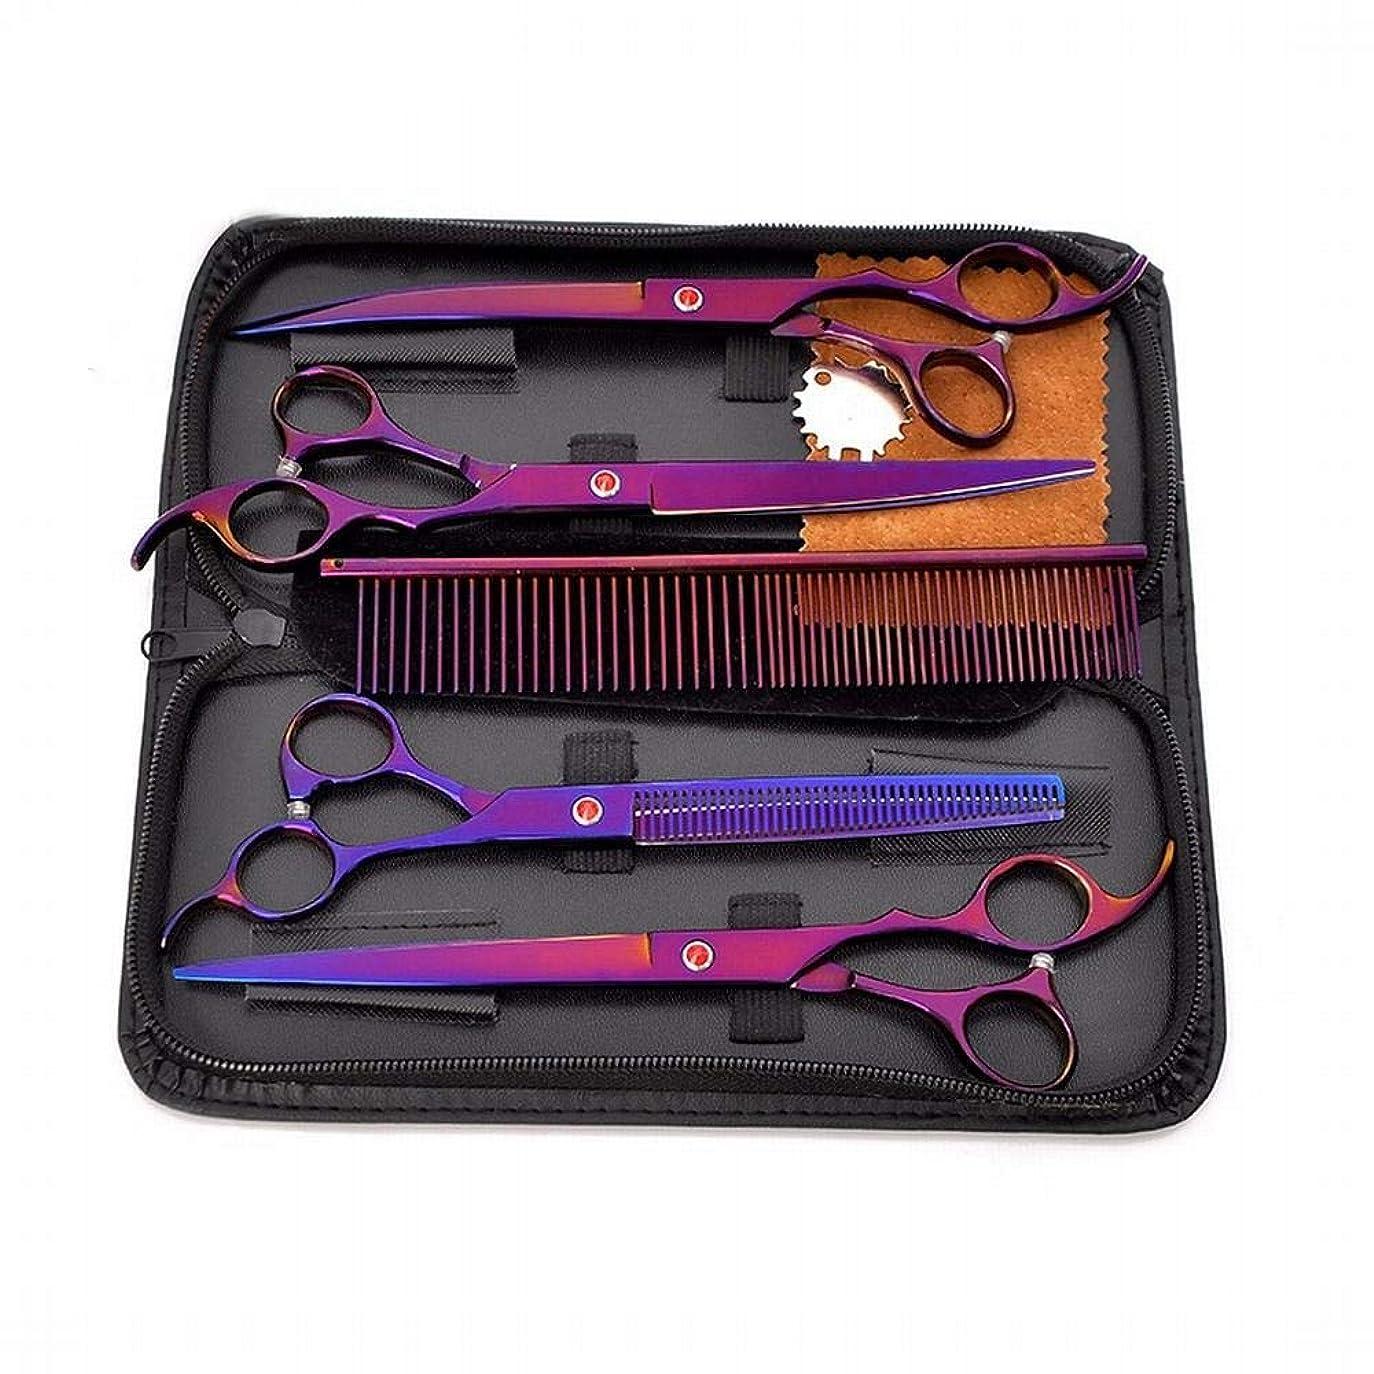 とは異なり示すジャンプするトリミングシザー 8インチペットグルーミングはさみ4のセット、ステンレス鋼パープルペットプロフェッショナル理髪セットフラットせん断+歯はさみヘアカットはさみステンレス理髪はさみ (色 : 紫の)